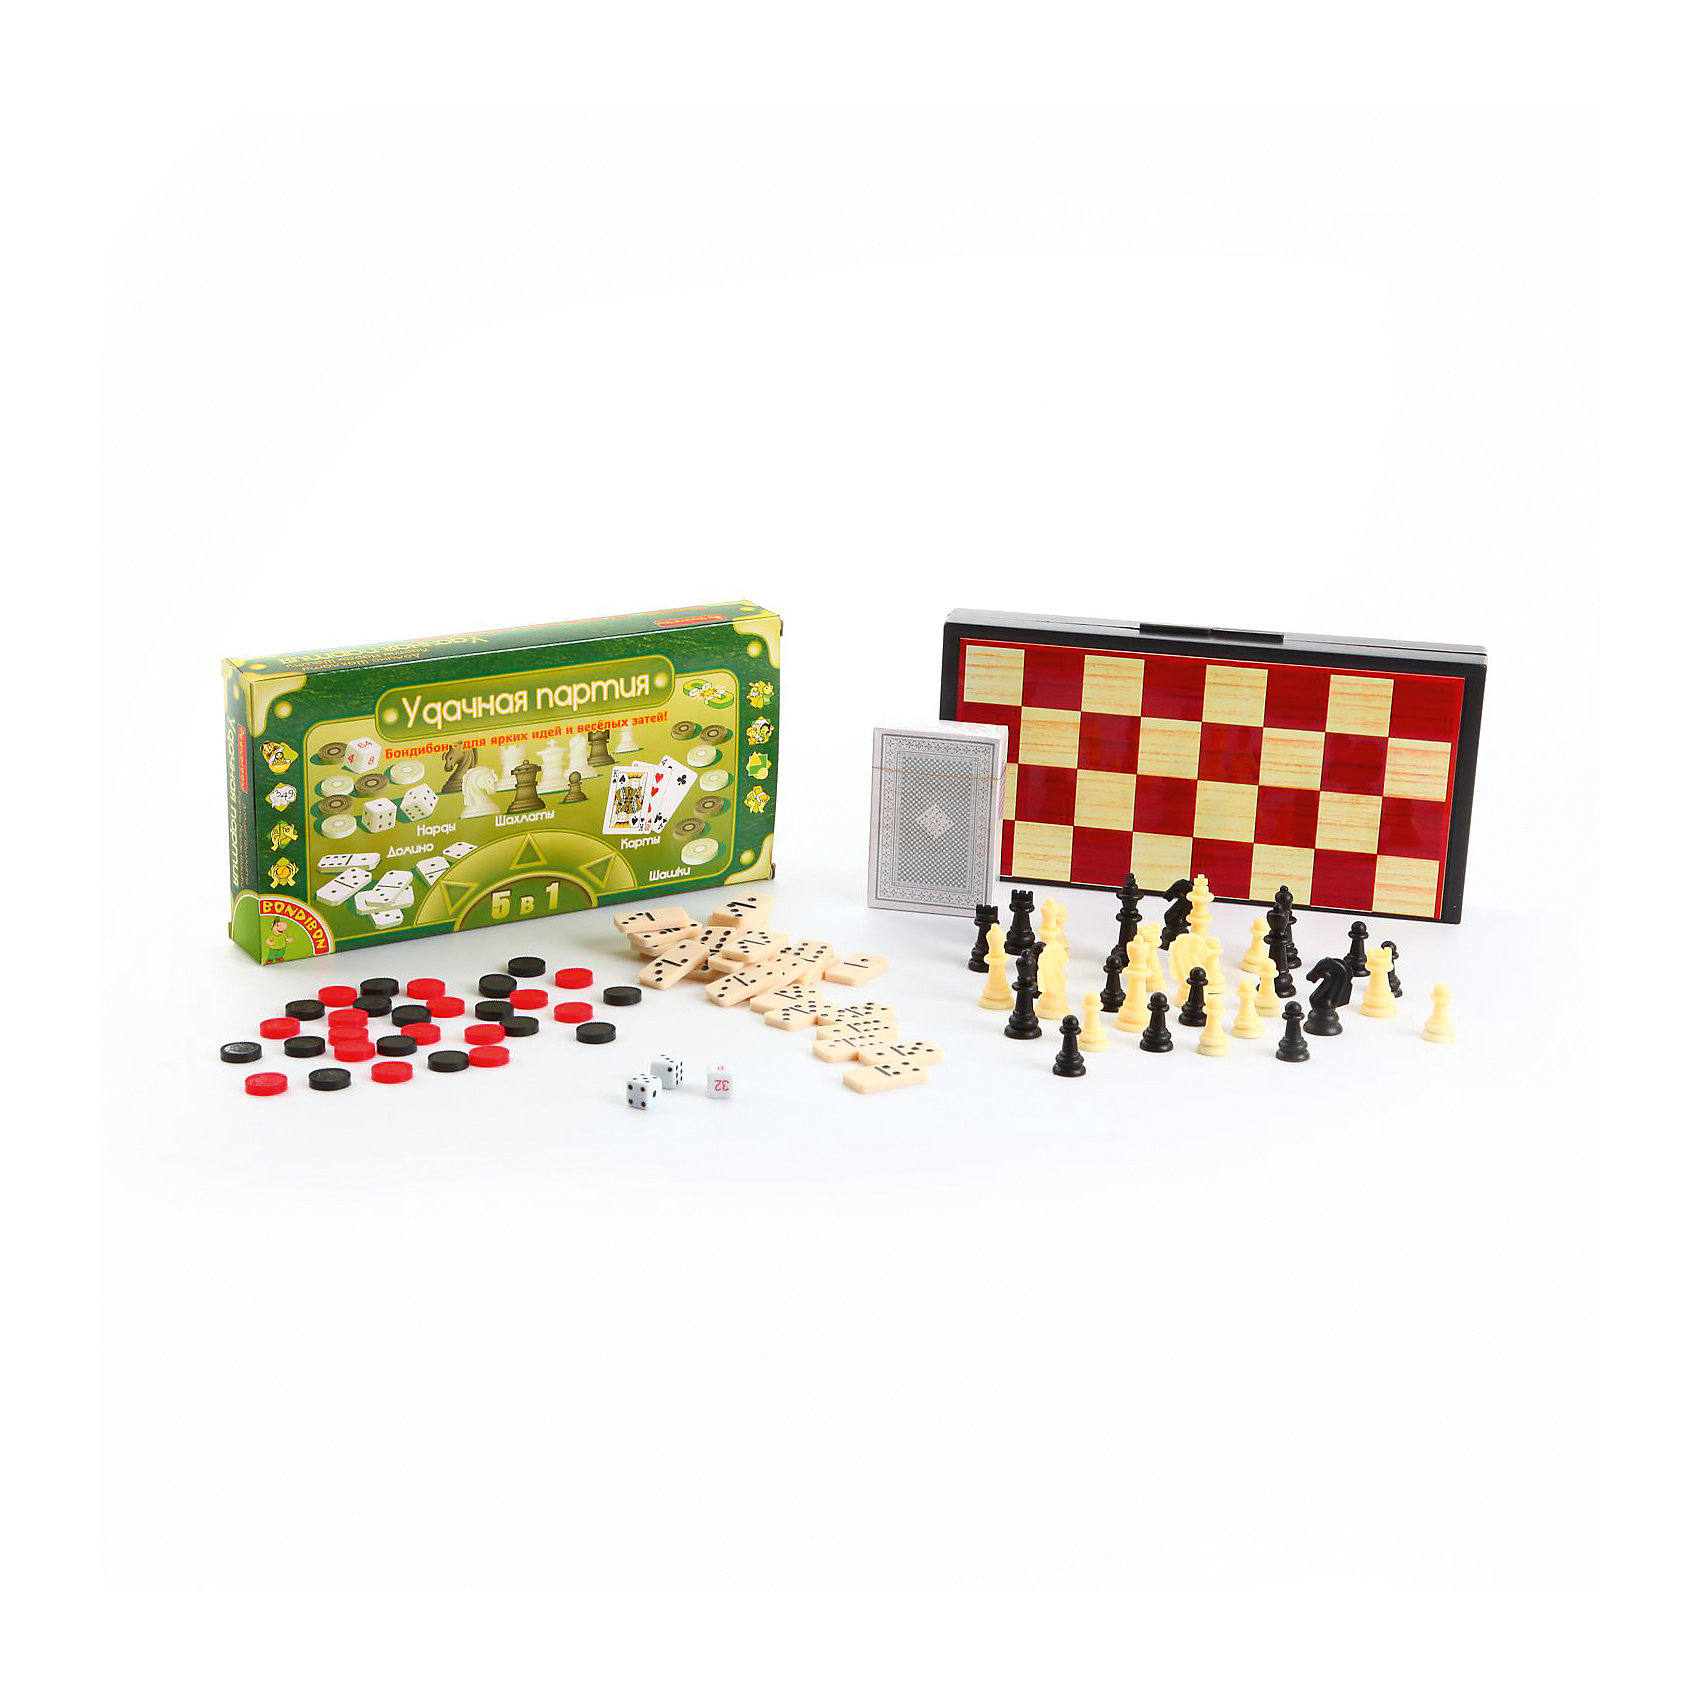 Настольная игра Удачная партия, BondibonСпортивные настольные игры<br>Настольная игра Удачная партия, Bondibon (Бондибон).<br><br>Характеристики:<br><br>• В комплекте: игровое поле, 3 кубика, 30 шашек черного и красного цвета, 32 шахматные фигуры черного и белого цвета, 54 карты, 28 костяшек, правила игр<br>• Размер игрового поля: 24,5х24,5х1,5 см.<br>• Средняя высота шахматной фигуры: 2,5 см.<br>• Диаметр шашки: 1,5 см.<br>• Размер карты: 8,5х5,7 см.<br>• Размер костяшки: 3х1,6 см.<br>• Материал: нетоксичный пластик, прочный картон, магнит, металл<br>• Упаковка: прочная картонная коробка<br>• Размер упаковки: 13х25х3,5 см.<br>• Вес: 480 гр.<br><br>Вы не знаете, как скоротать длинную дорогу в поезде, что взять с собой на пляж, чтобы не грустить? Отличный вариант – набор «Удачная партия», в котором есть сразу пять самых популярных настольных игр всех времен и народов – шахматы, шашки, нарды, карты и домино. Все необходимое для игр хранится в пластиковом кейсе, состоящем из двух частей. <br><br>Внутренняя часть представляет собой поле для игры в нарды, внешняя - поле для игры в шахматы или шашки. Для удобства шашки, фишки и шахматные фигуры изготовлены с магнитами и не потеряются на свежем воздухе или в дороге. Вечные ценности в одном комплекте, это ли не мечта интеллектуала?<br><br>Настольную игру Удачная партия, Bondibon (Бондибон) можно купить в нашем интернет-магазине.<br><br>Ширина мм: 250<br>Глубина мм: 40<br>Высота мм: 130<br>Вес г: 519<br>Возраст от месяцев: 60<br>Возраст до месяцев: 2147483647<br>Пол: Унисекс<br>Возраст: Детский<br>SKU: 5451753